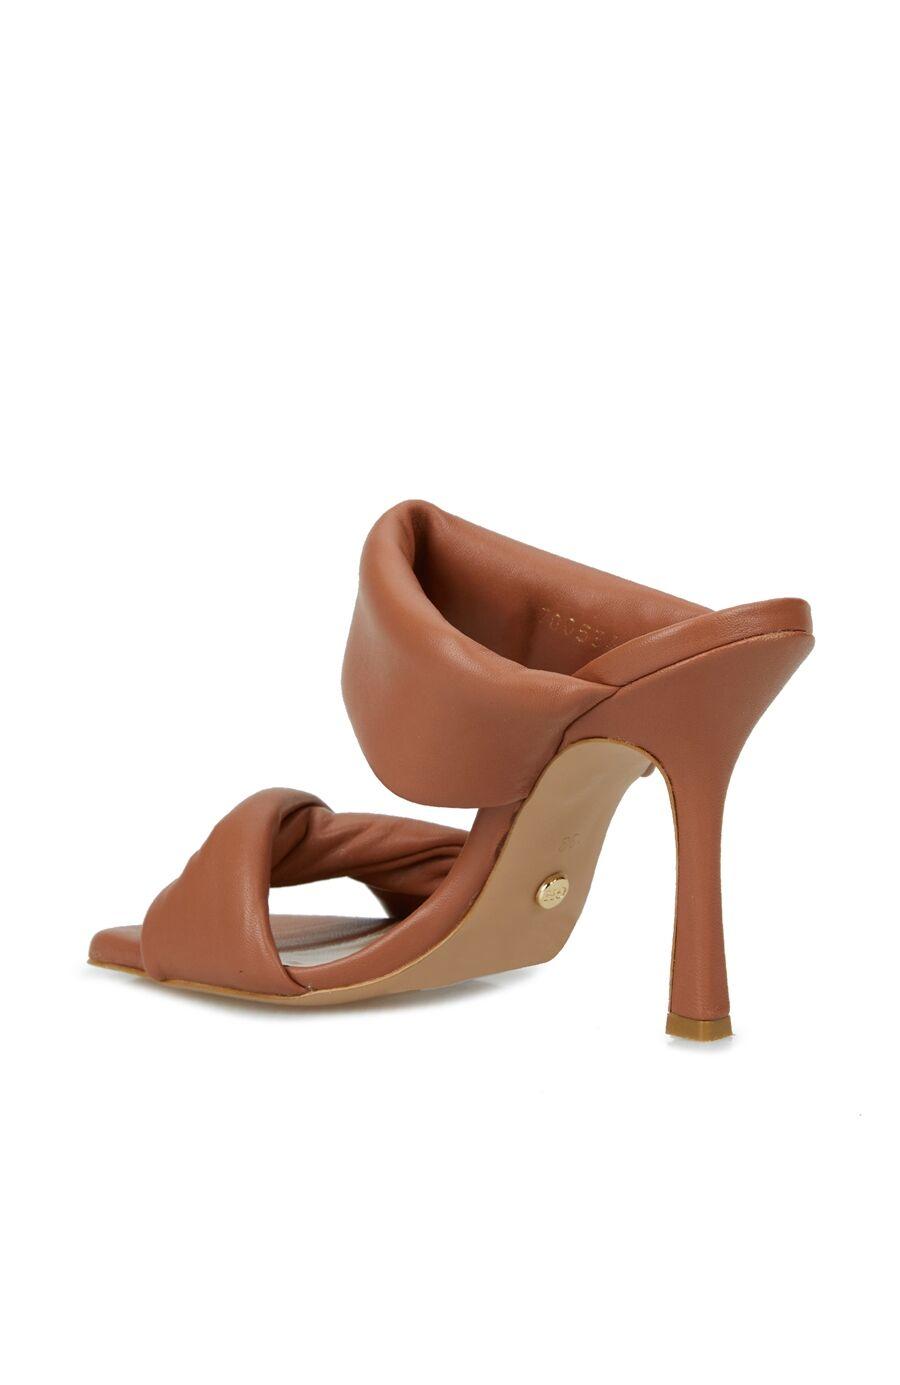 Taba Çift Bantlı Kadın Topuklu Ayakkabı